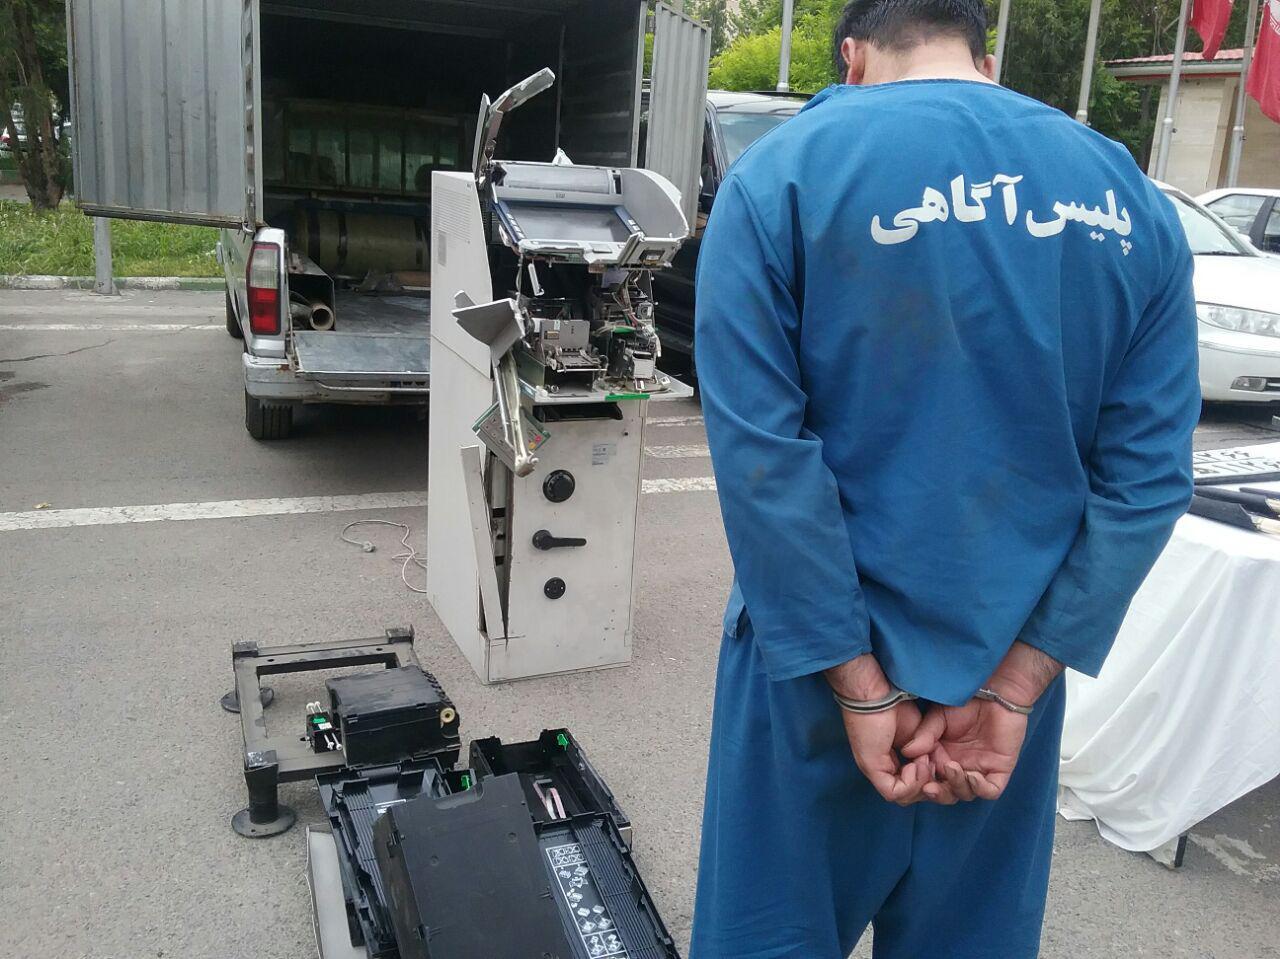 سارقان دستگاه های خود پرداز بانکی در پایتخت به دام افتادند